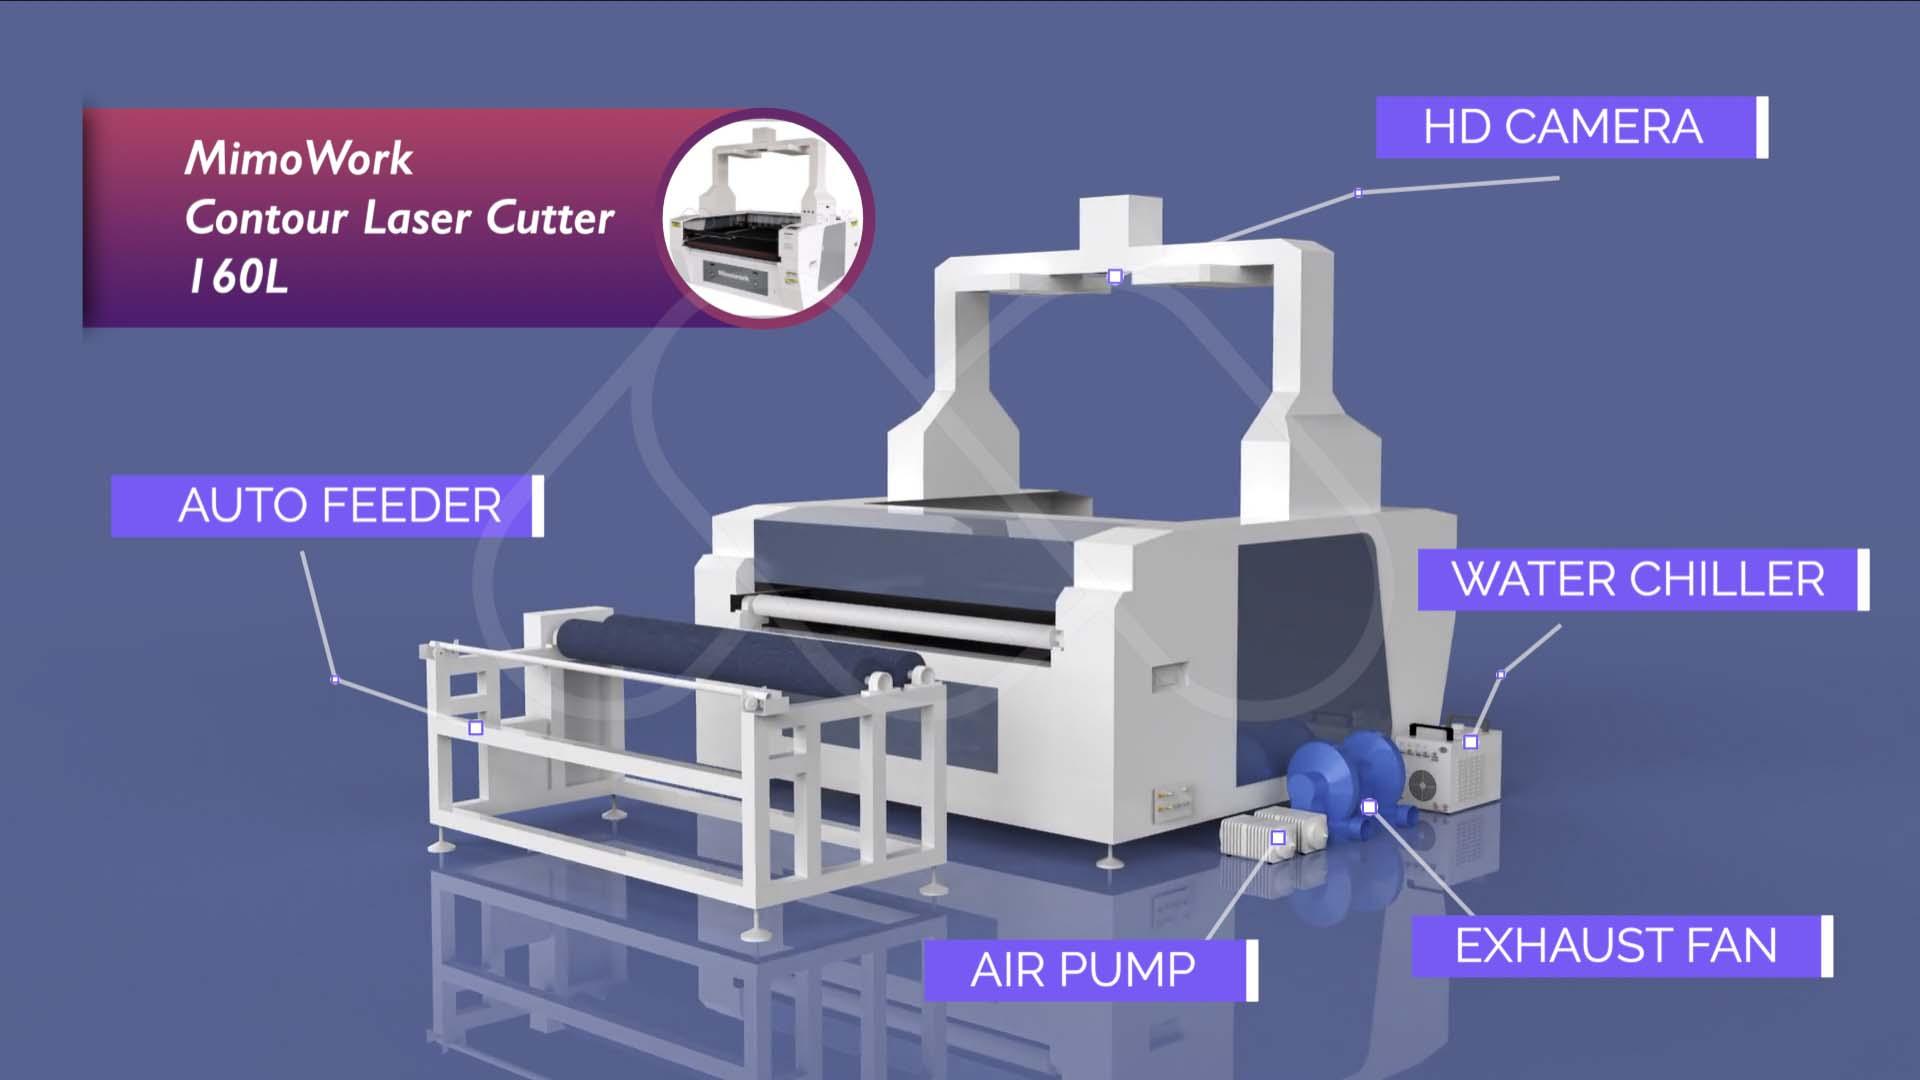 Contour-Laser-Cutter